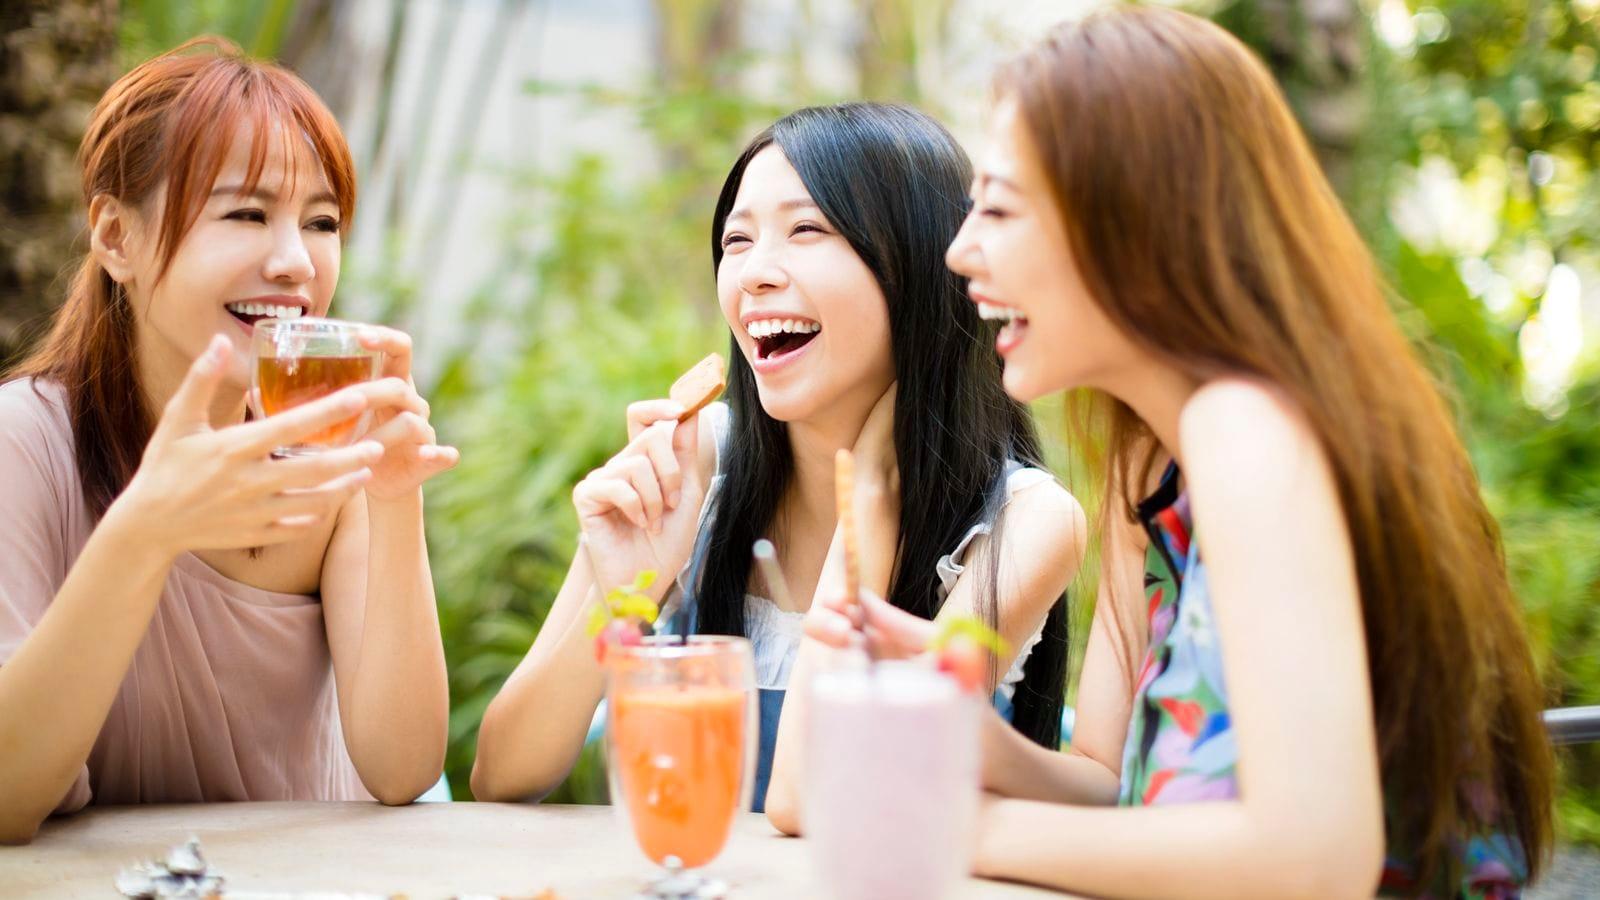 日本人女性の声は、なぜこうも「高音」なのか | ブックス ...